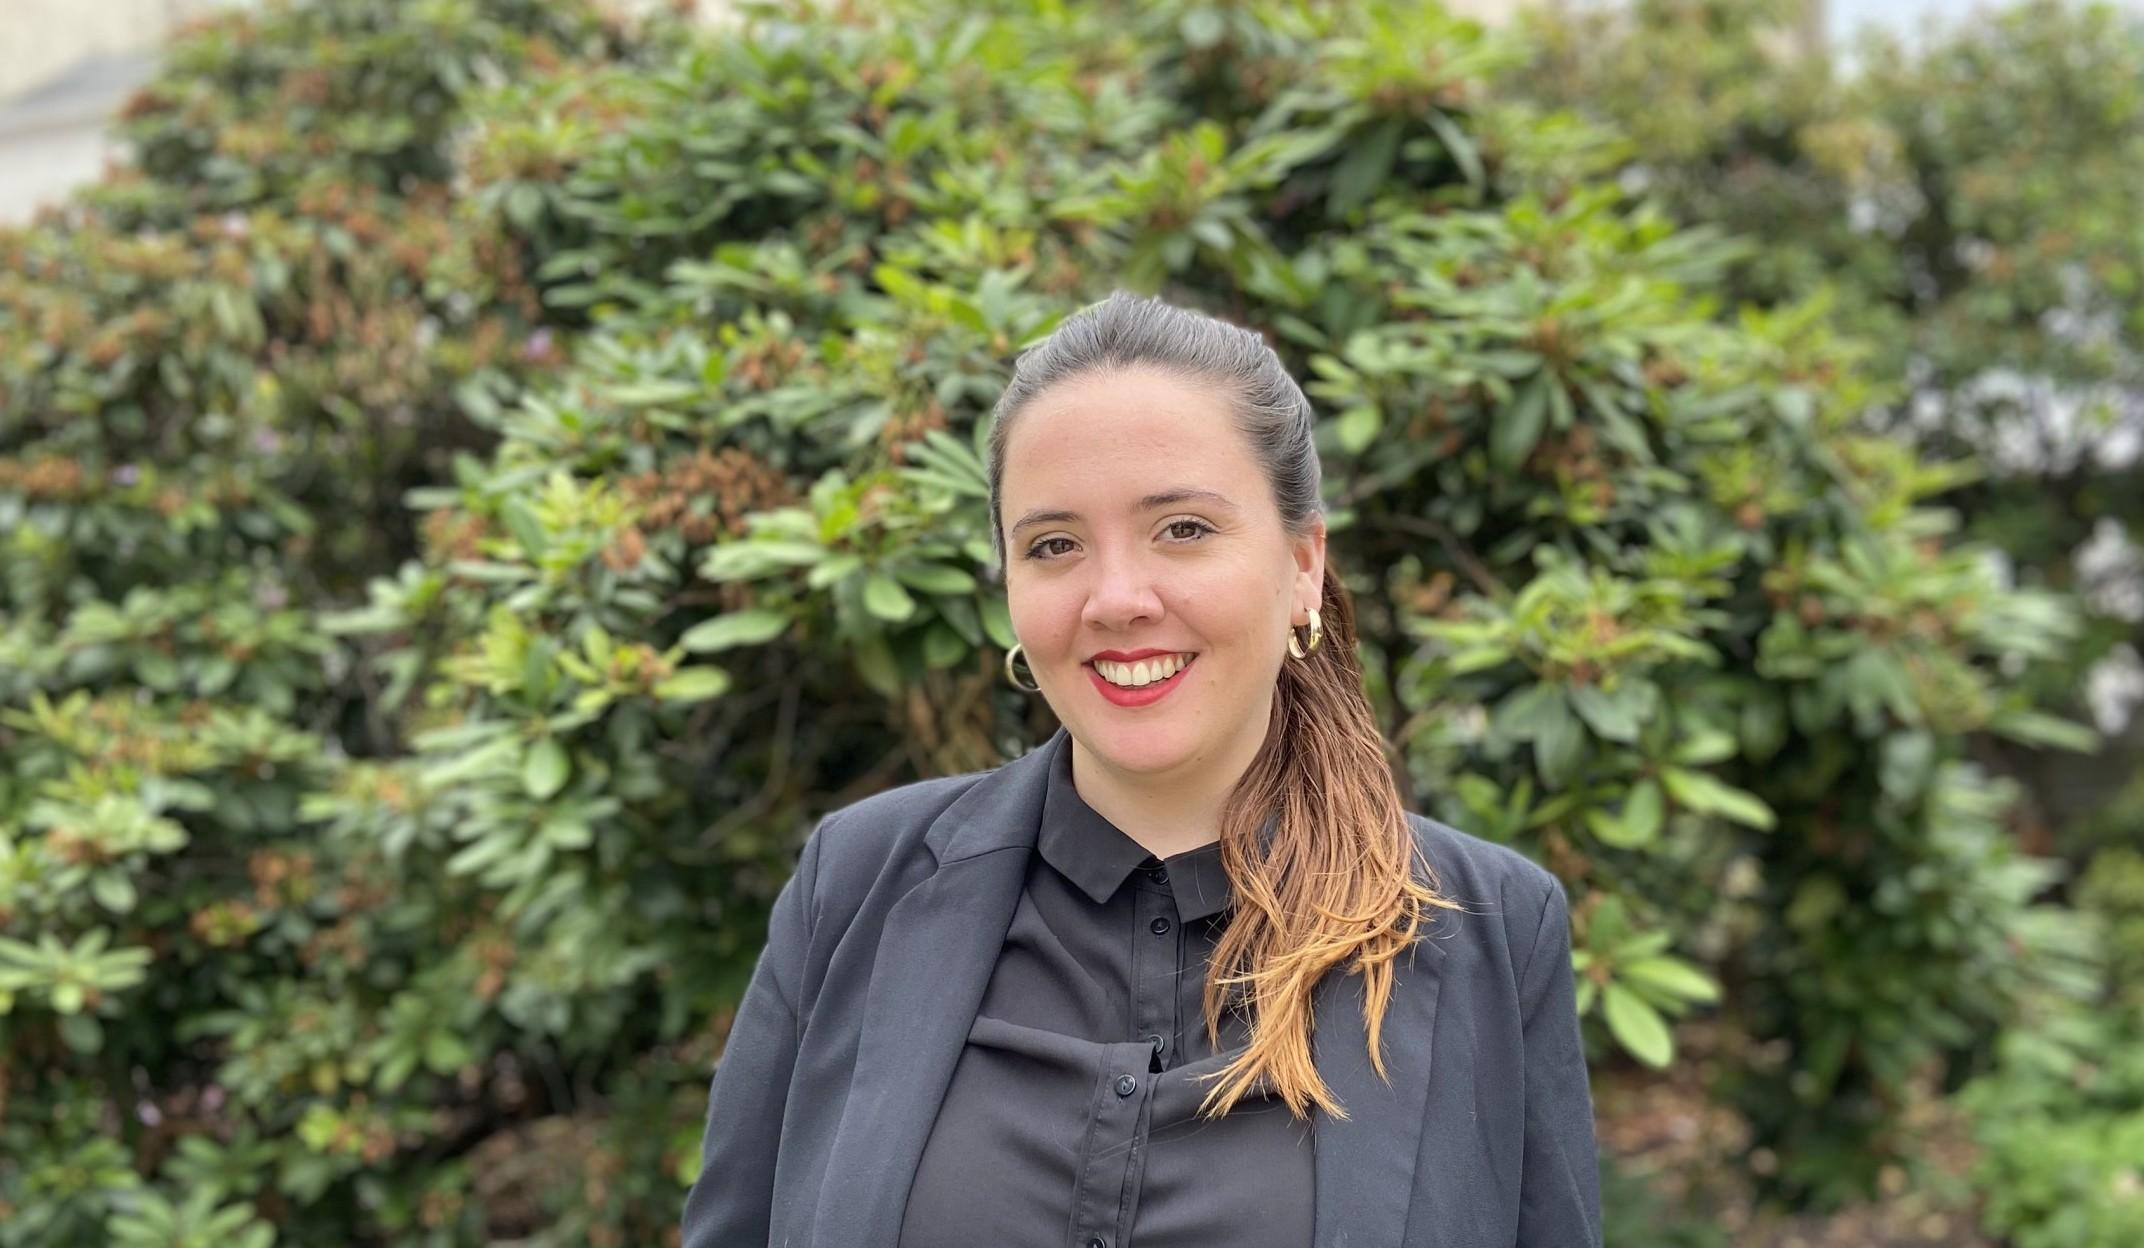 Mercedes Barreras